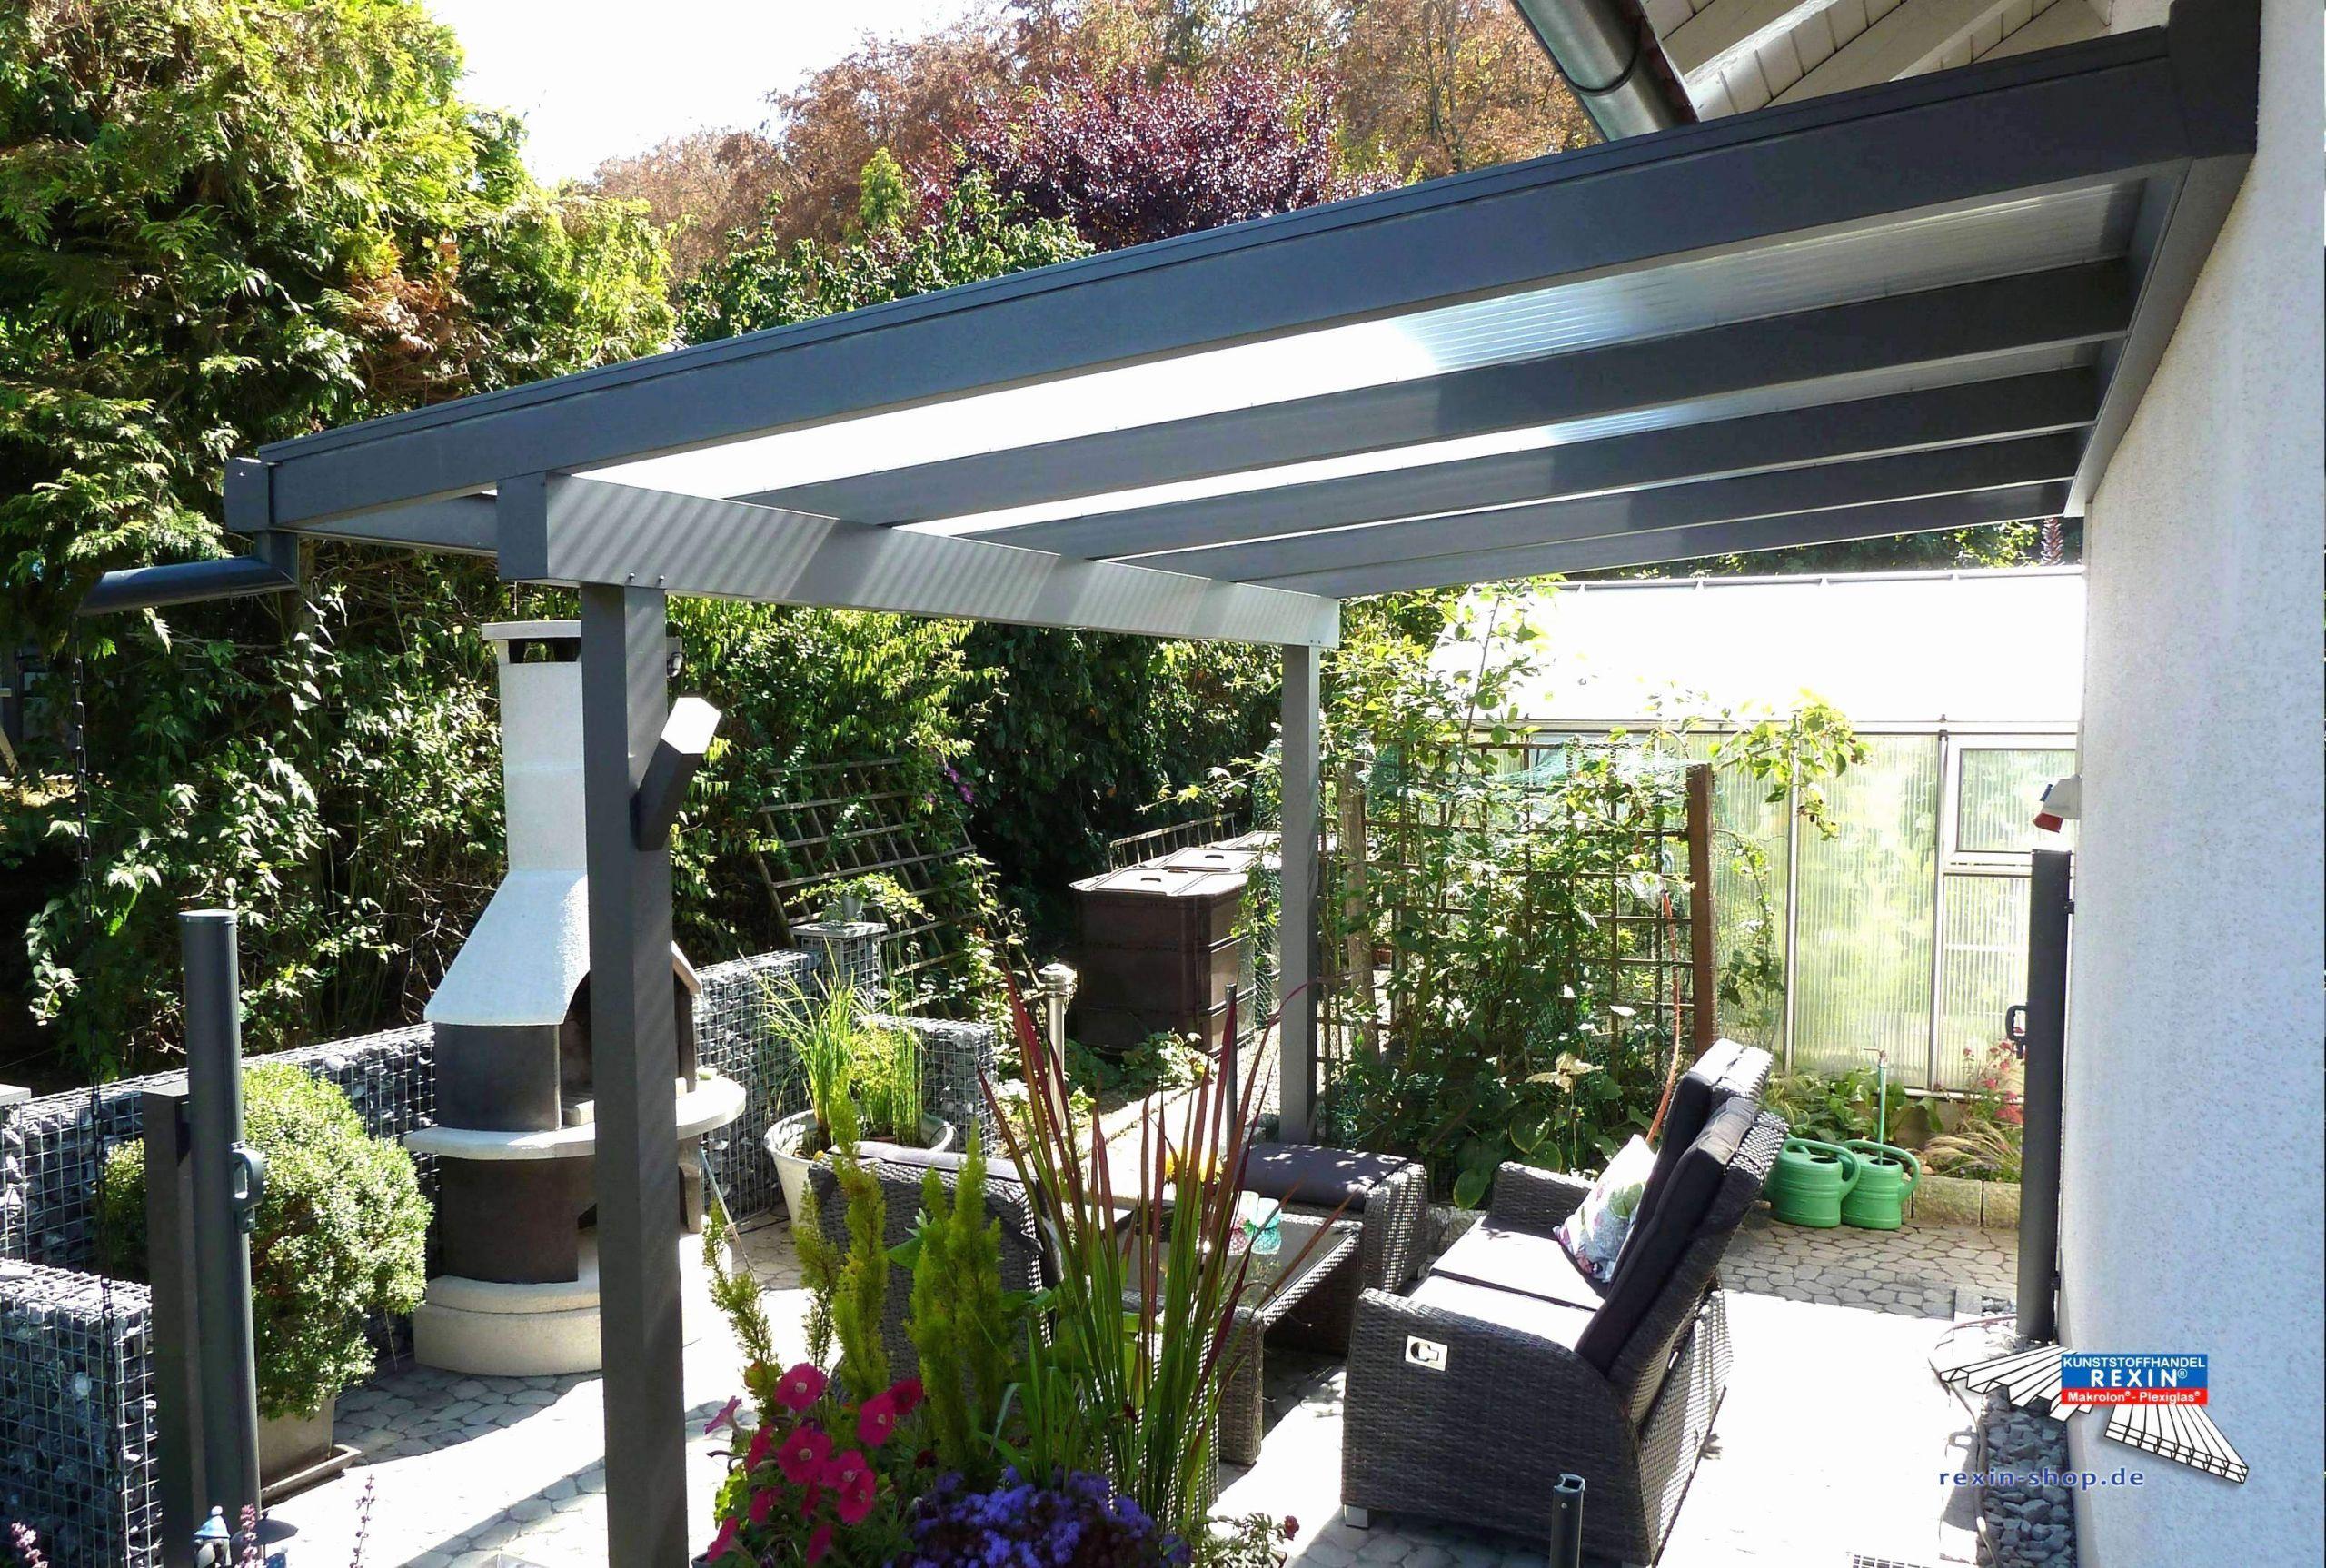 Ideen Sichtschutz Garten Luxus 12 Einzigartig Bild Von Paletten Garten Sichtschutz Garten Anlegen